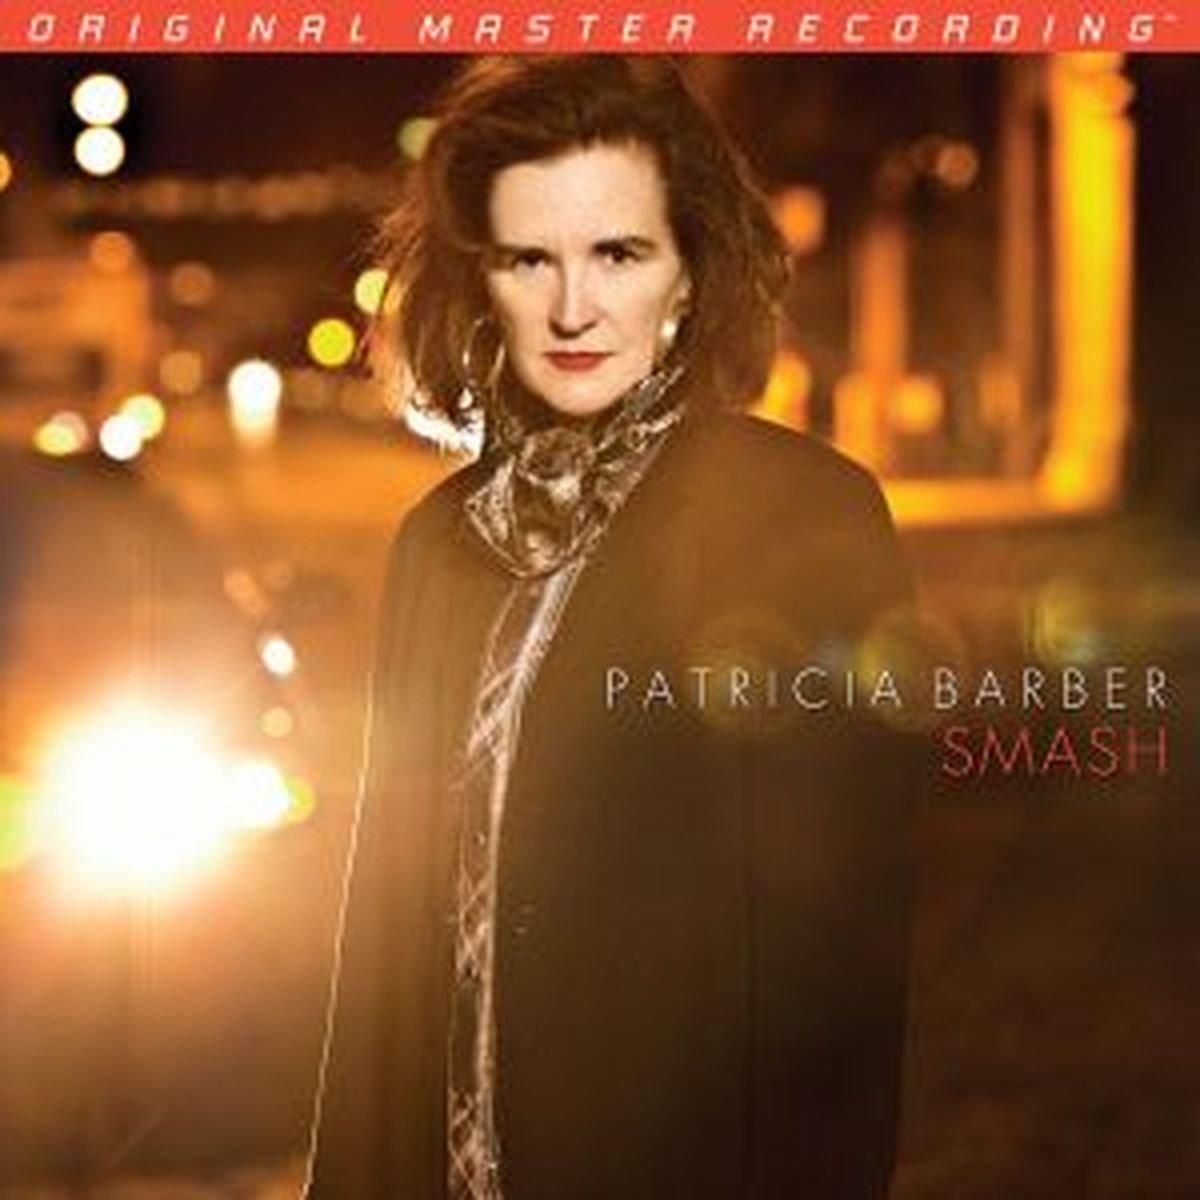 SMASH, Nuevo Álbum de Patricia Barber 61uN%2B9TtDNL._SL1200_